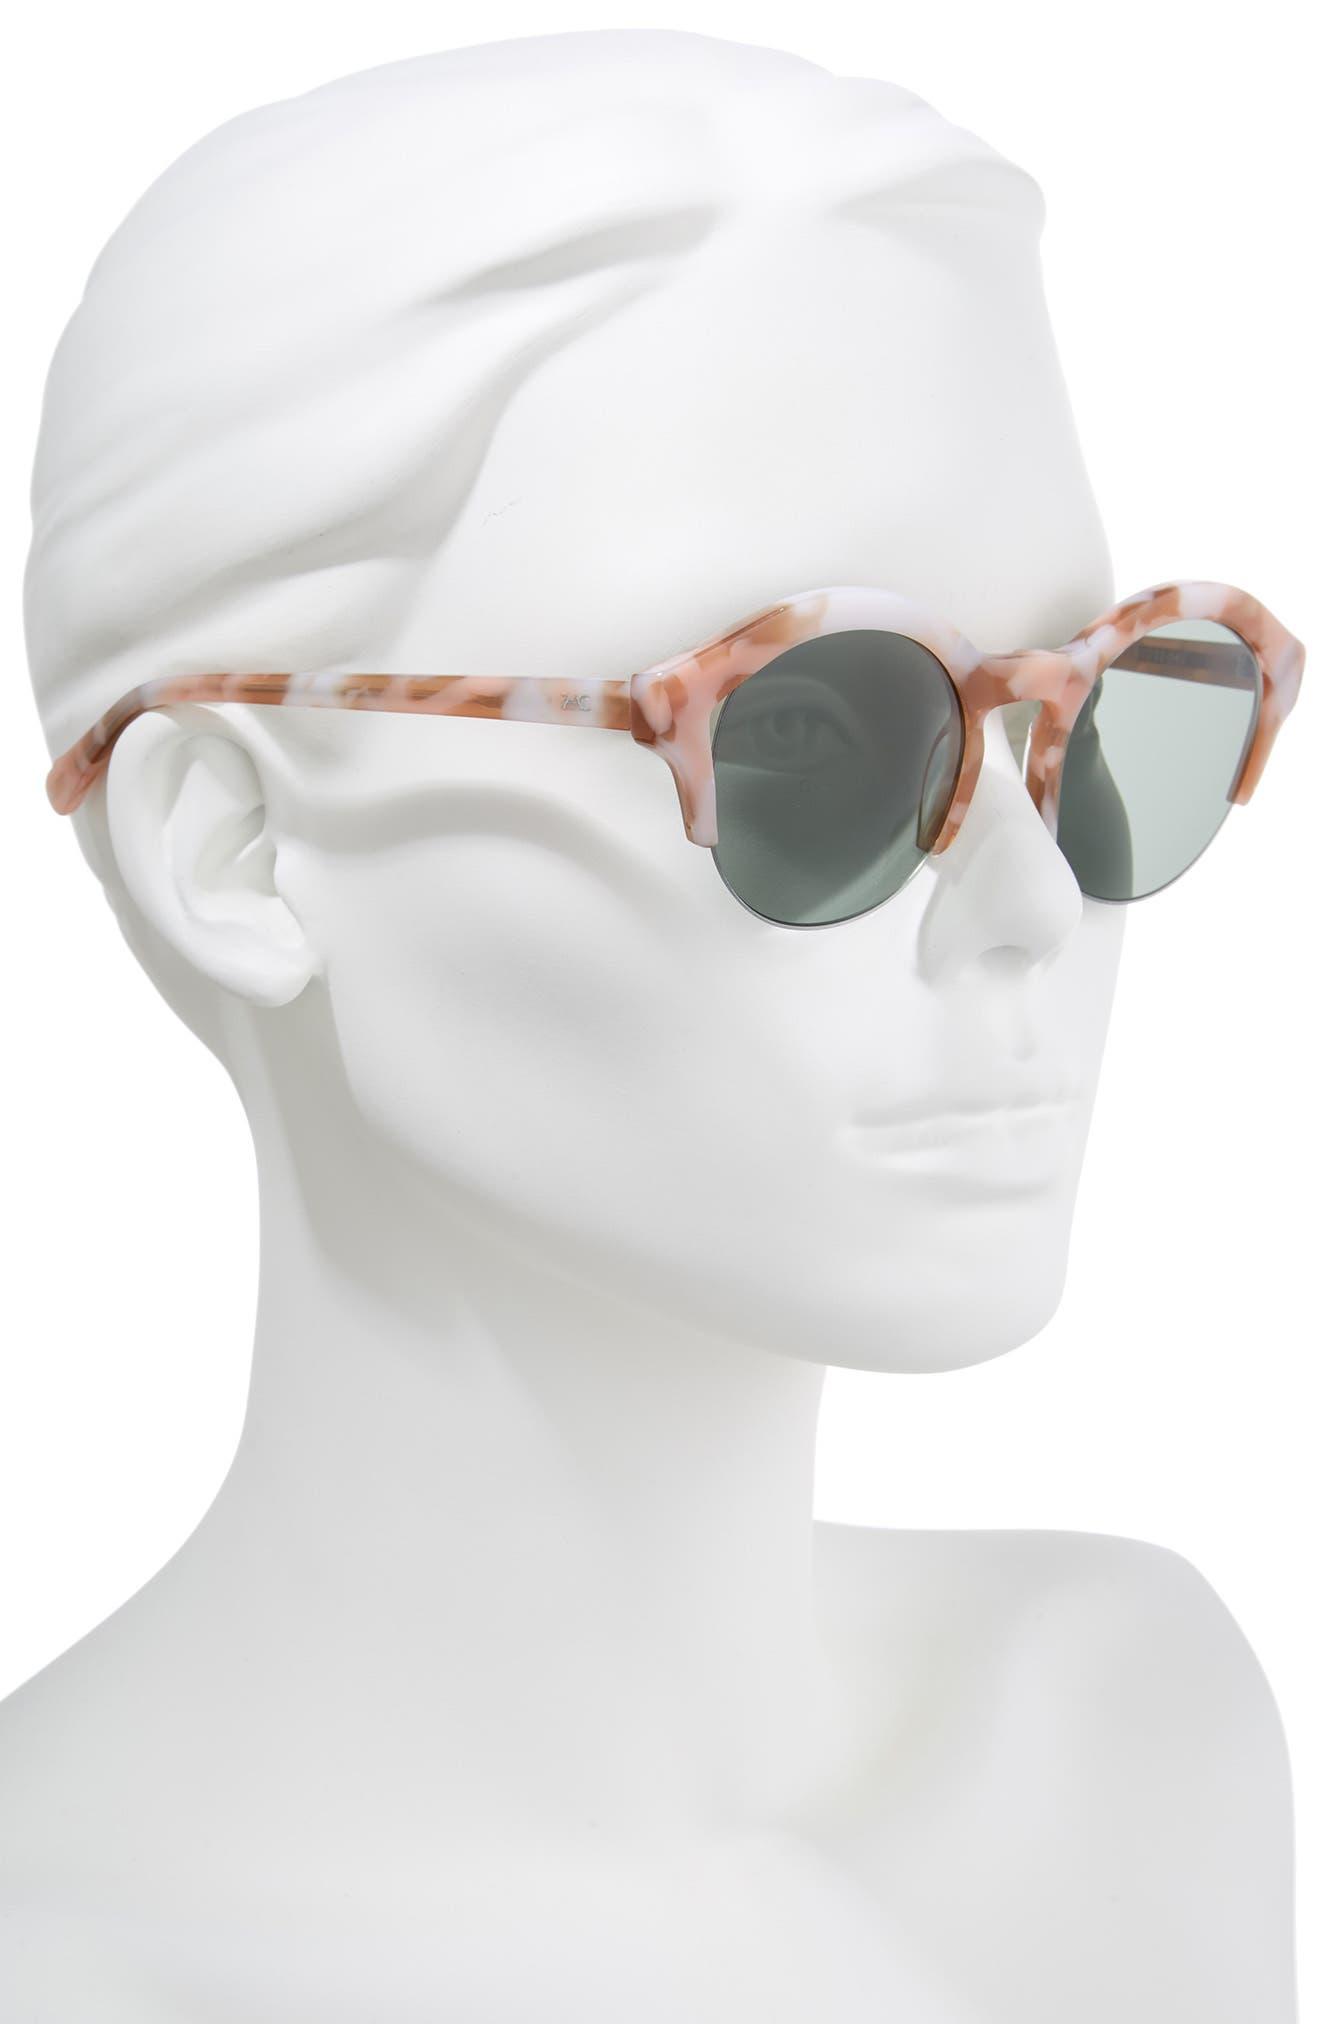 Bren 51mm Half-Rim Sunglasses,                             Alternate thumbnail 2, color,                             Pink/ Tortoise Green